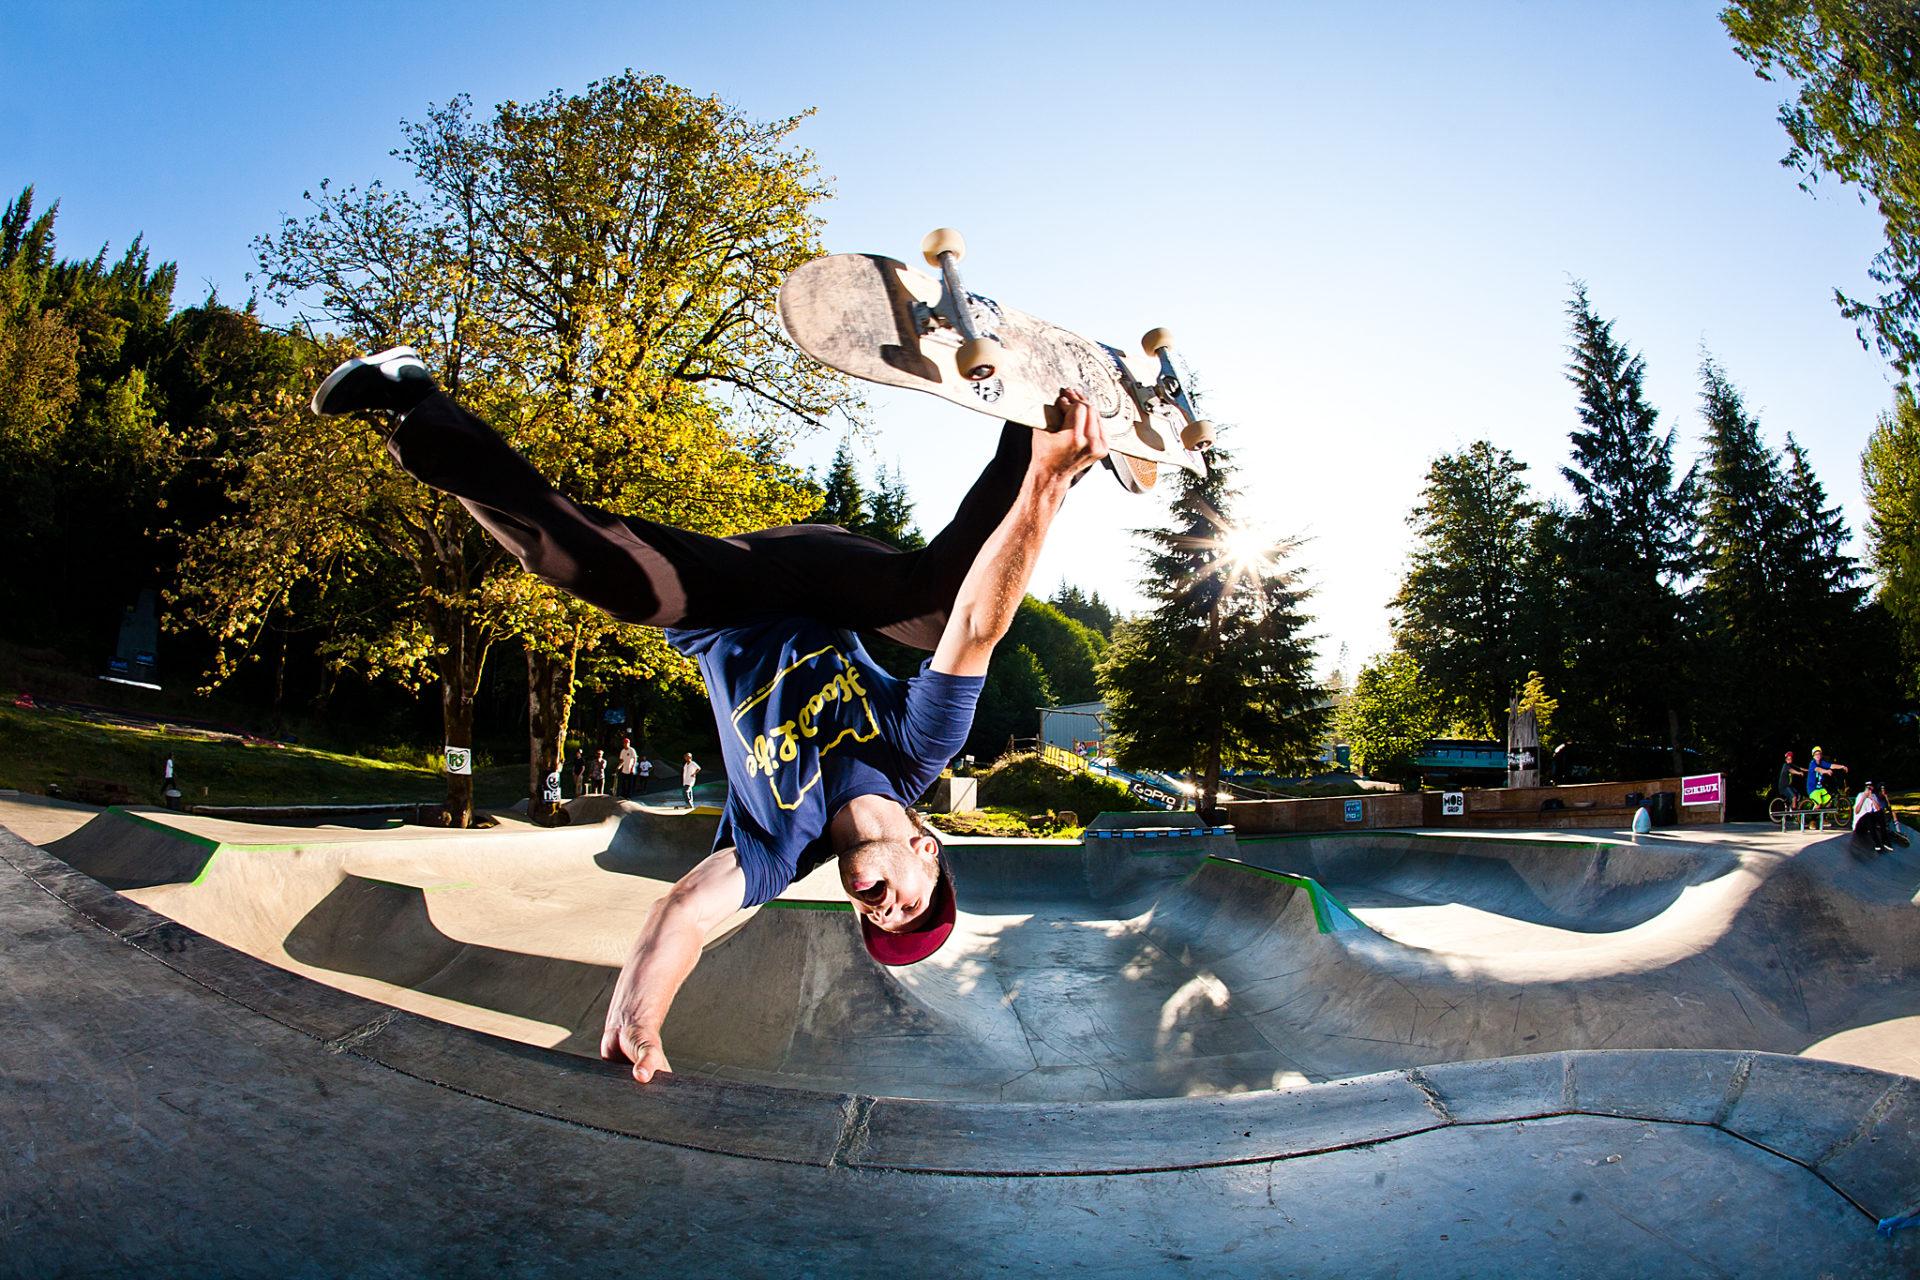 skate-summer-e1492699116532